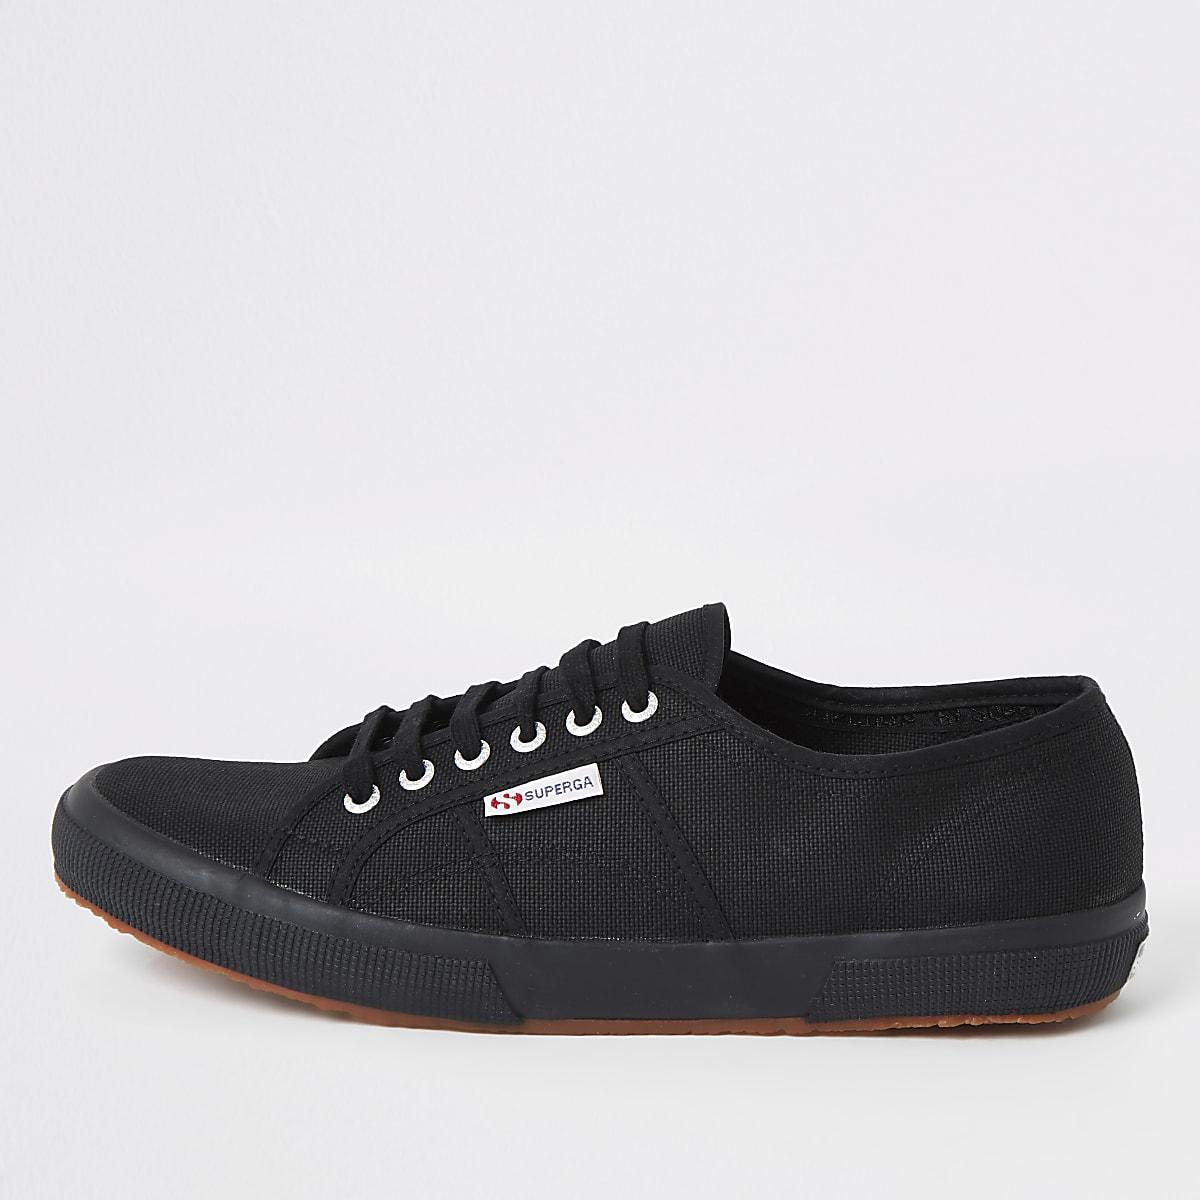 Superga - Zwarte klassieke sneakers met spekzool